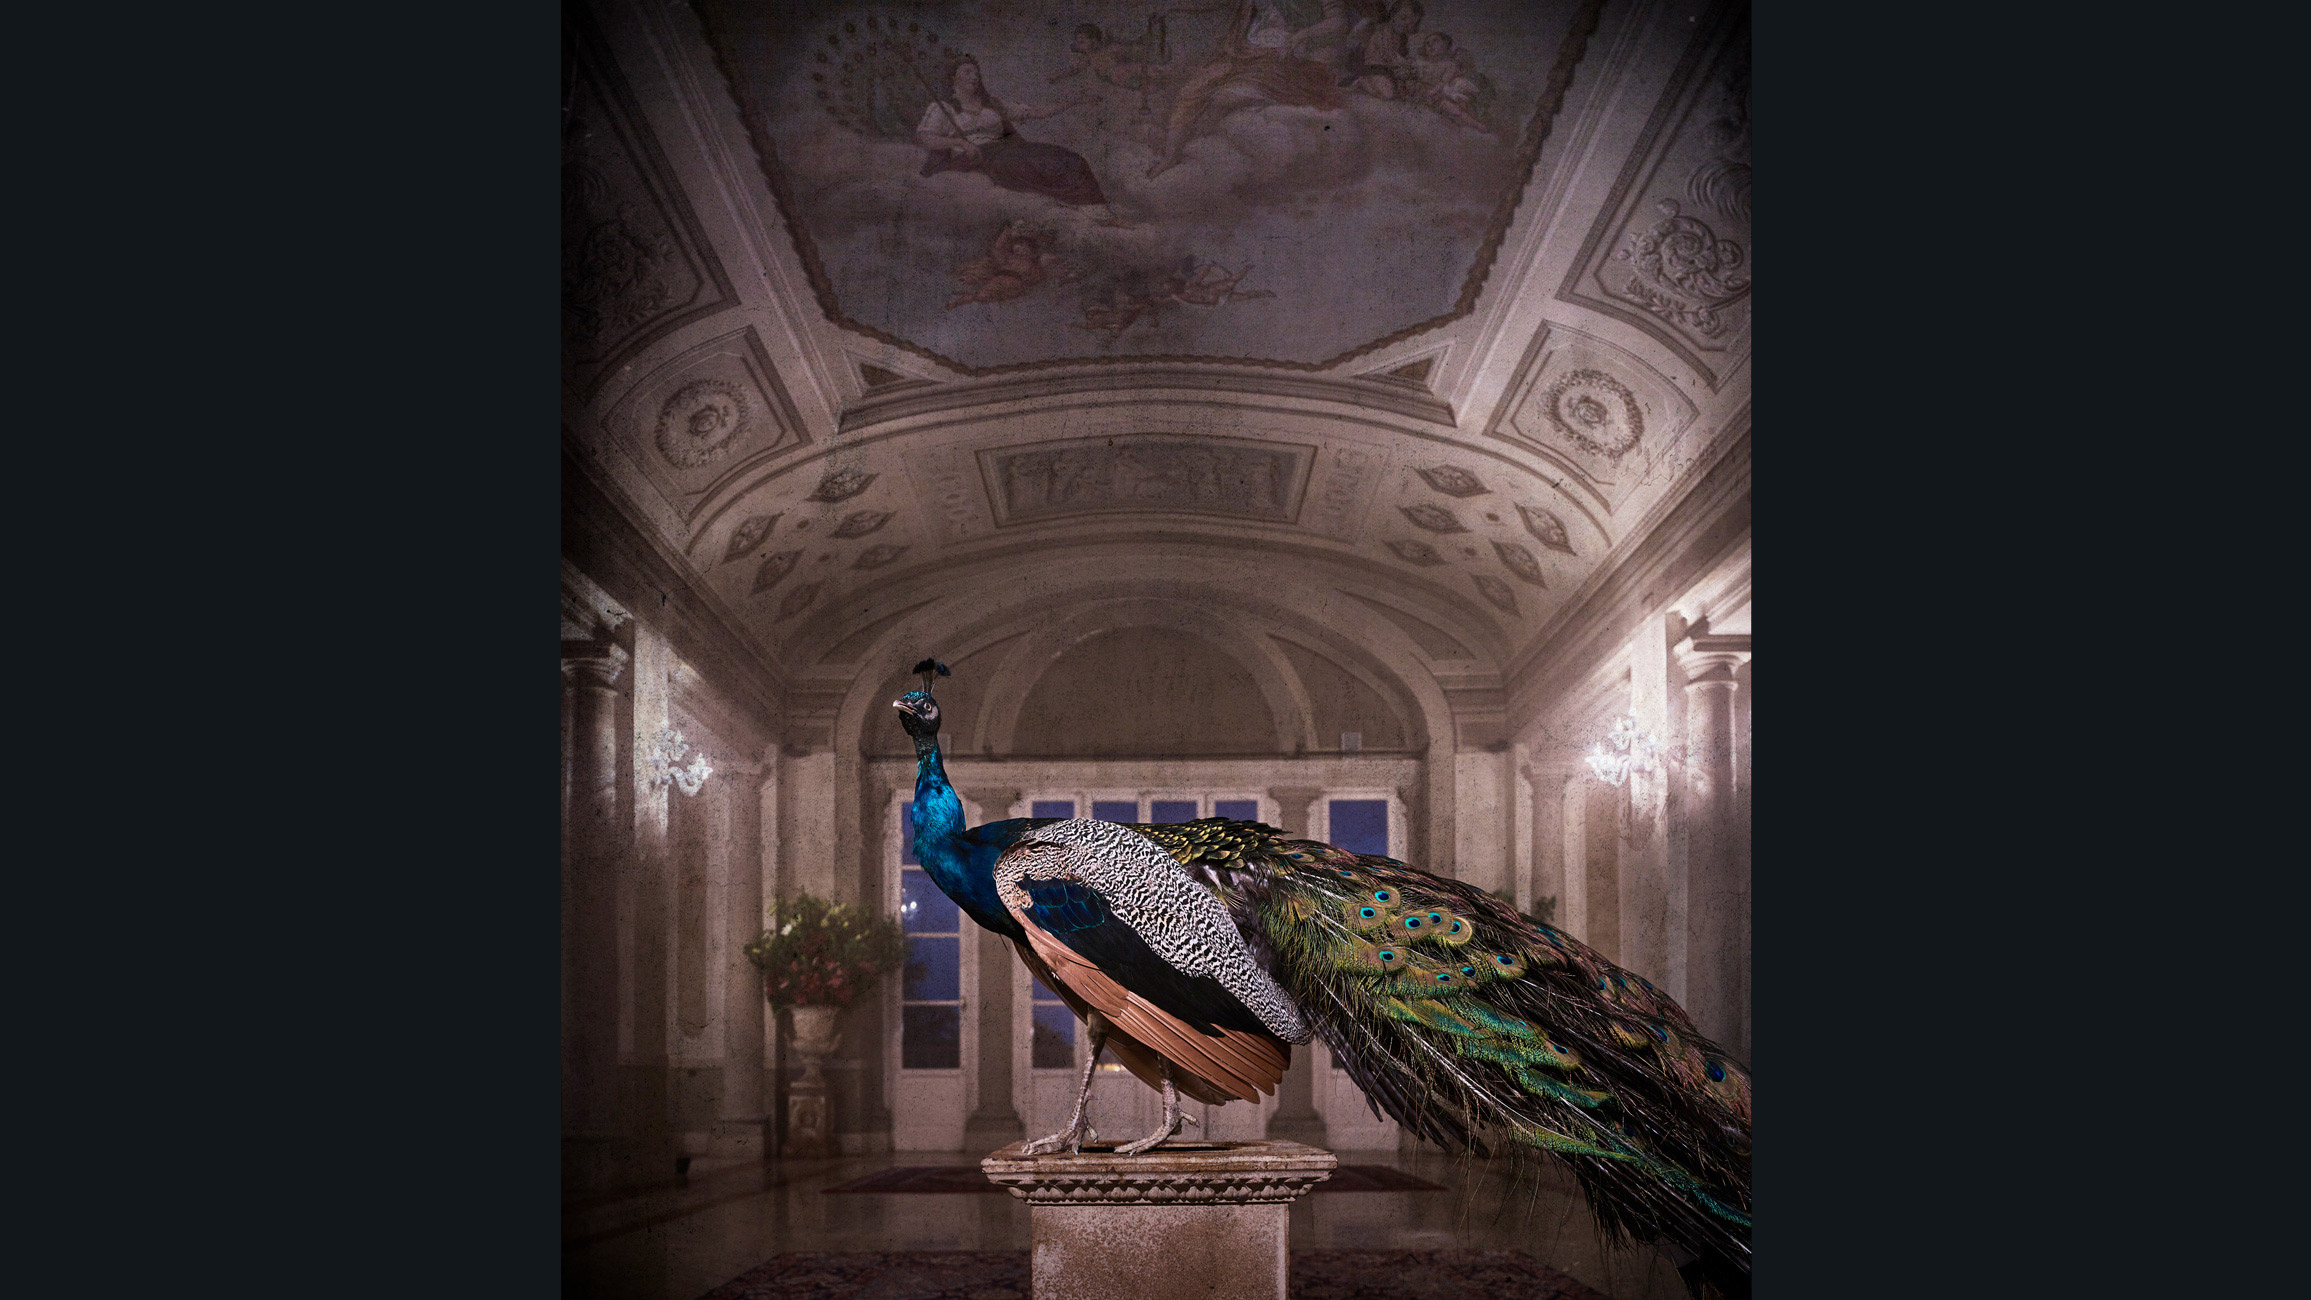 the Peacock at Bagni di Pisa